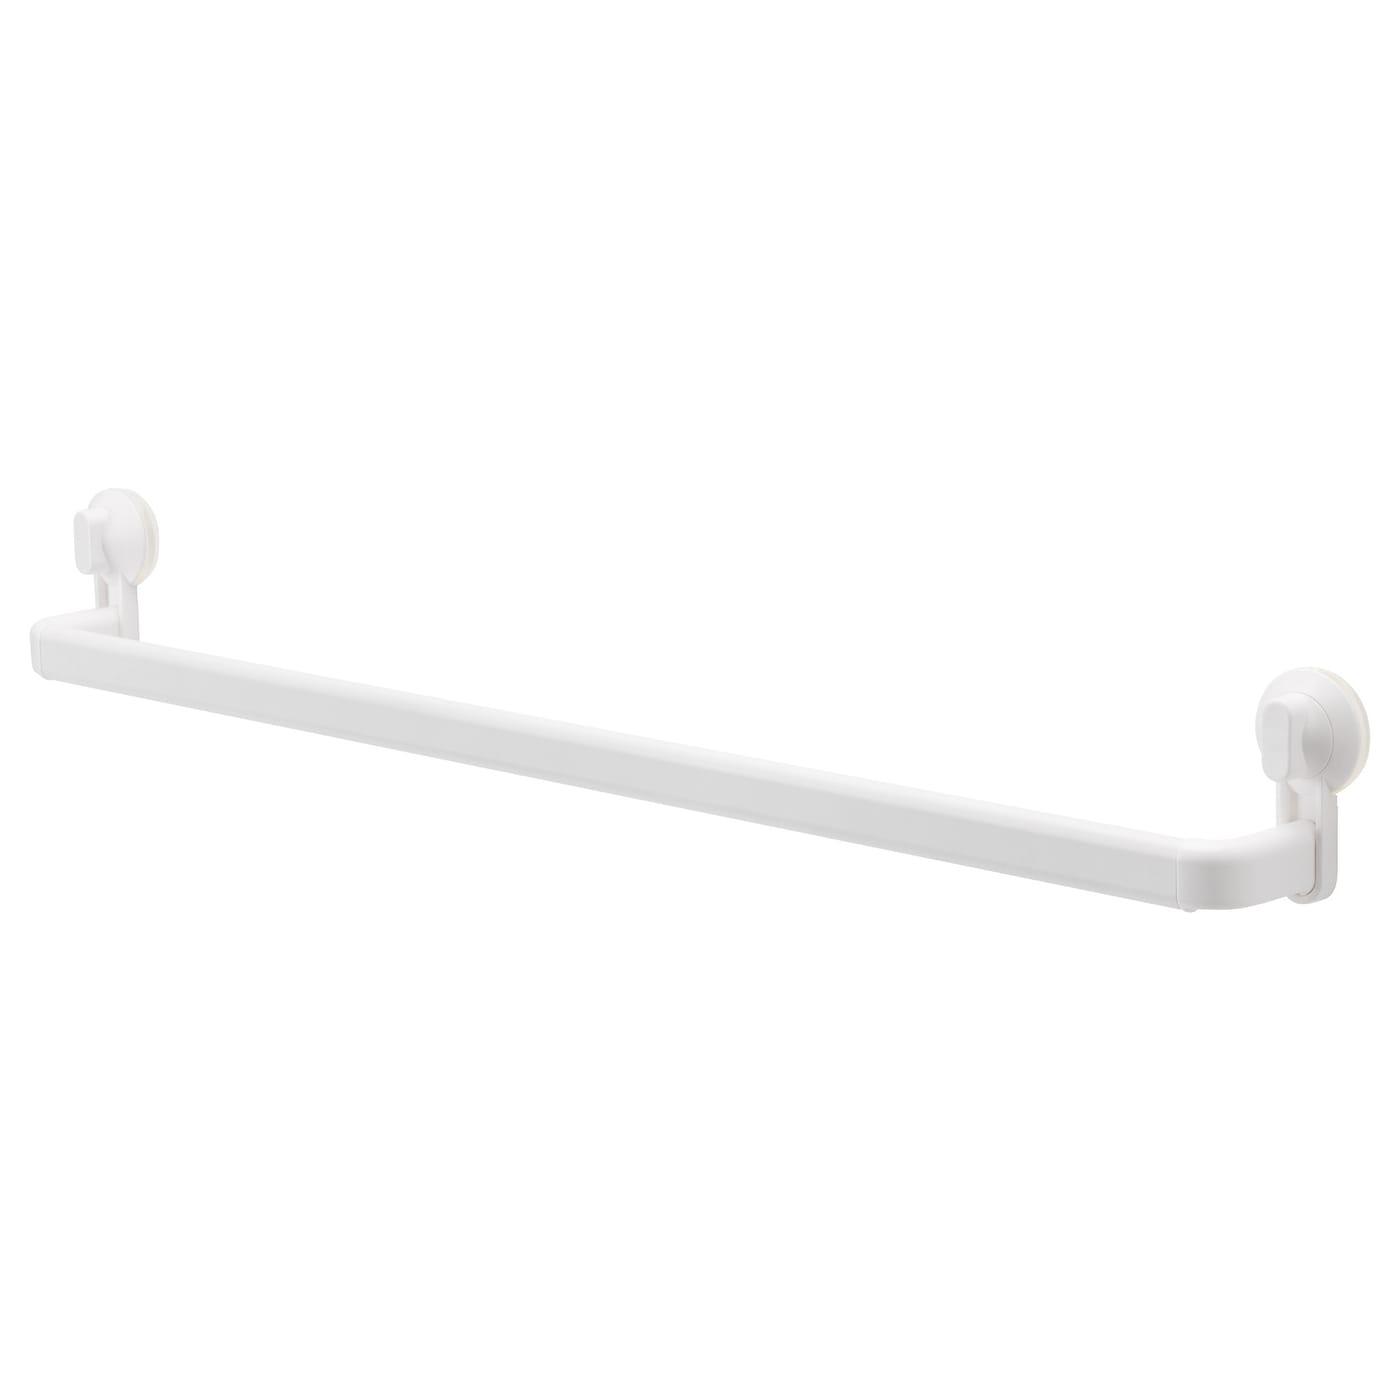 Handdoekenrek - IKEA